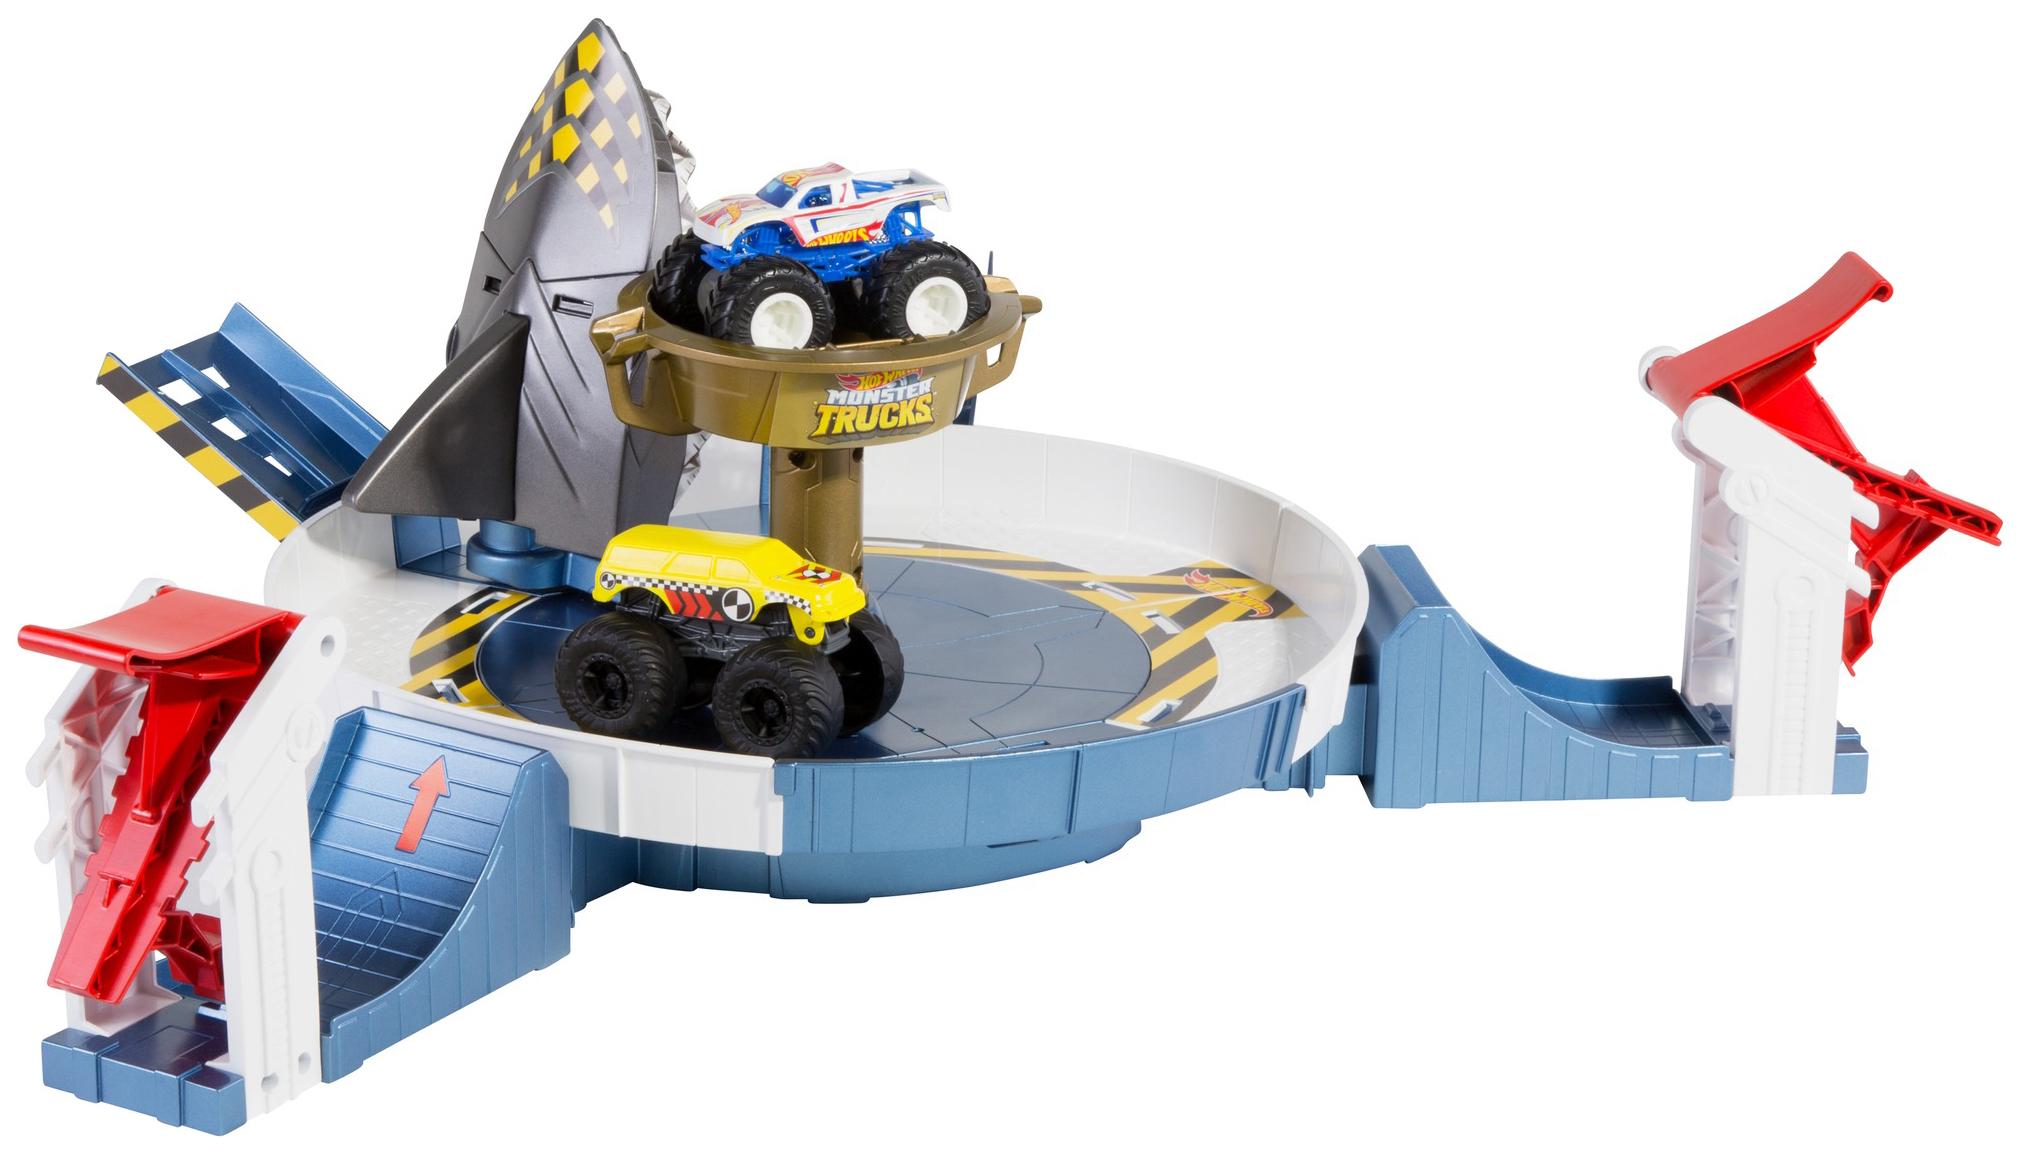 Купить Mattel Hot Wheels FYK14 Хот Вилс Игровой набор Монстр трак Поединок с акулой, Наборы игрушечного транспорта